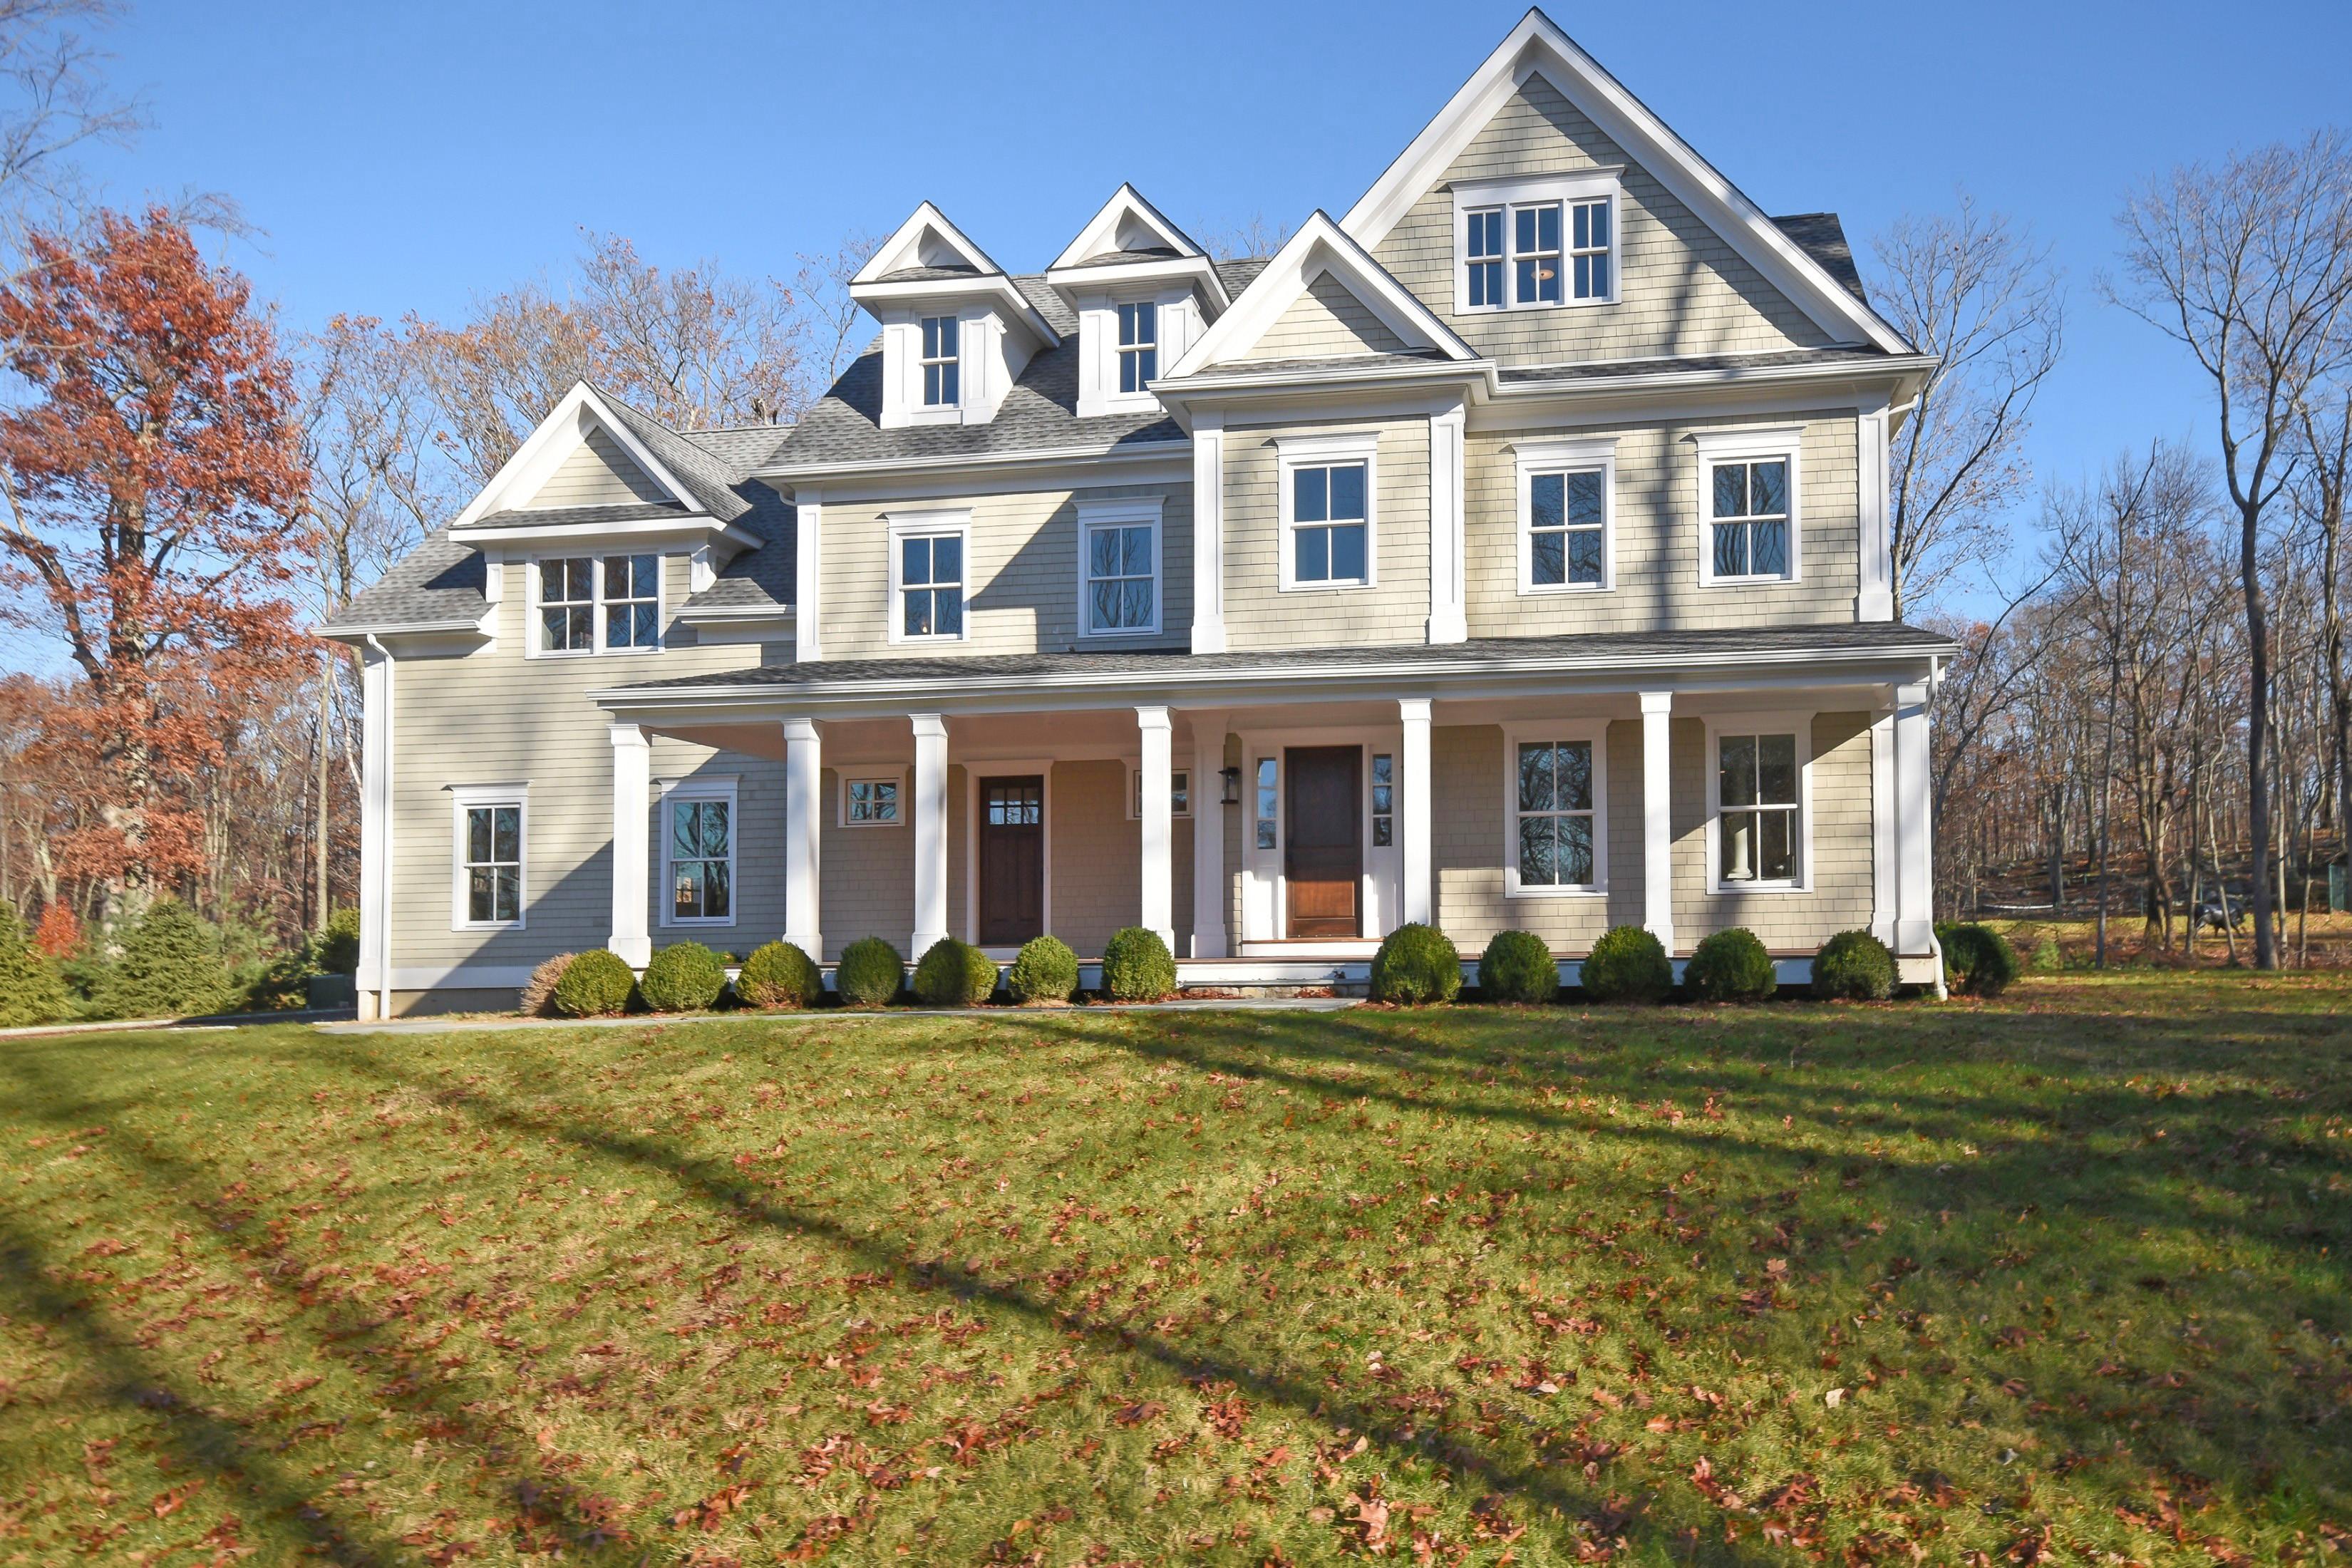 단독 가정 주택 용 매매 에 24 Hillcrest Lane Weston, 코네티컷, 06883 미국